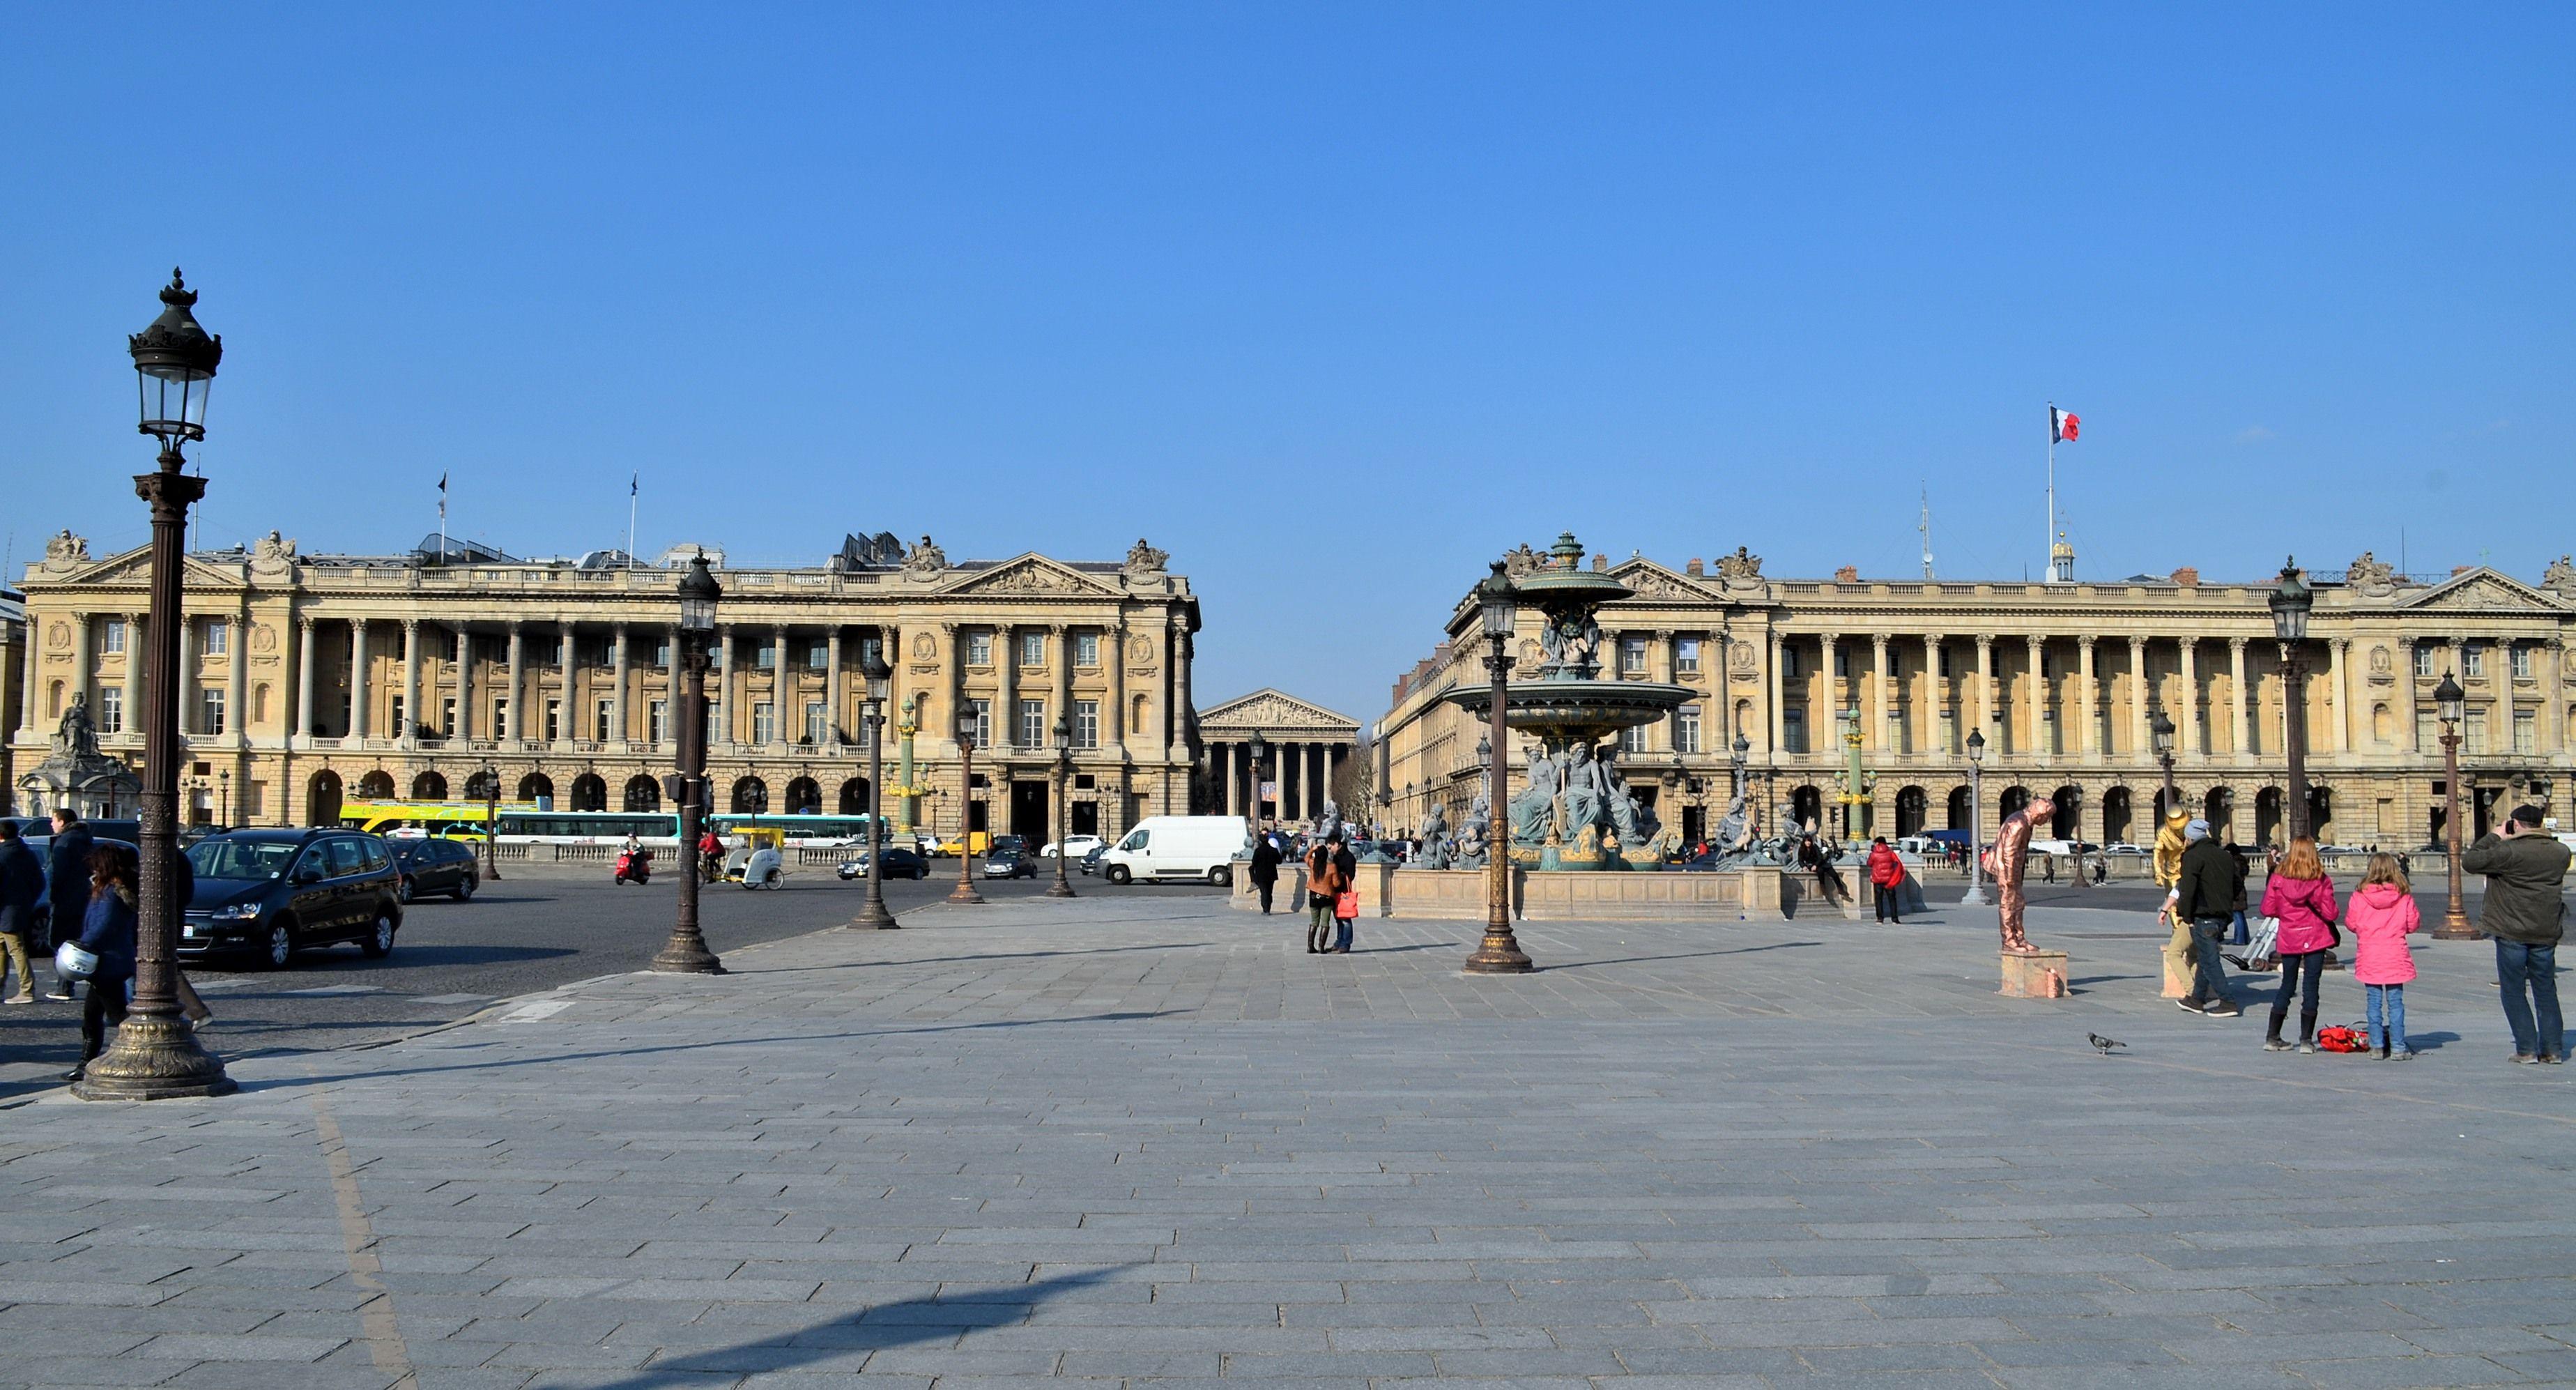 Plaza De La Concordia 18th century, france - ange-jacques gabriel (1698-1782